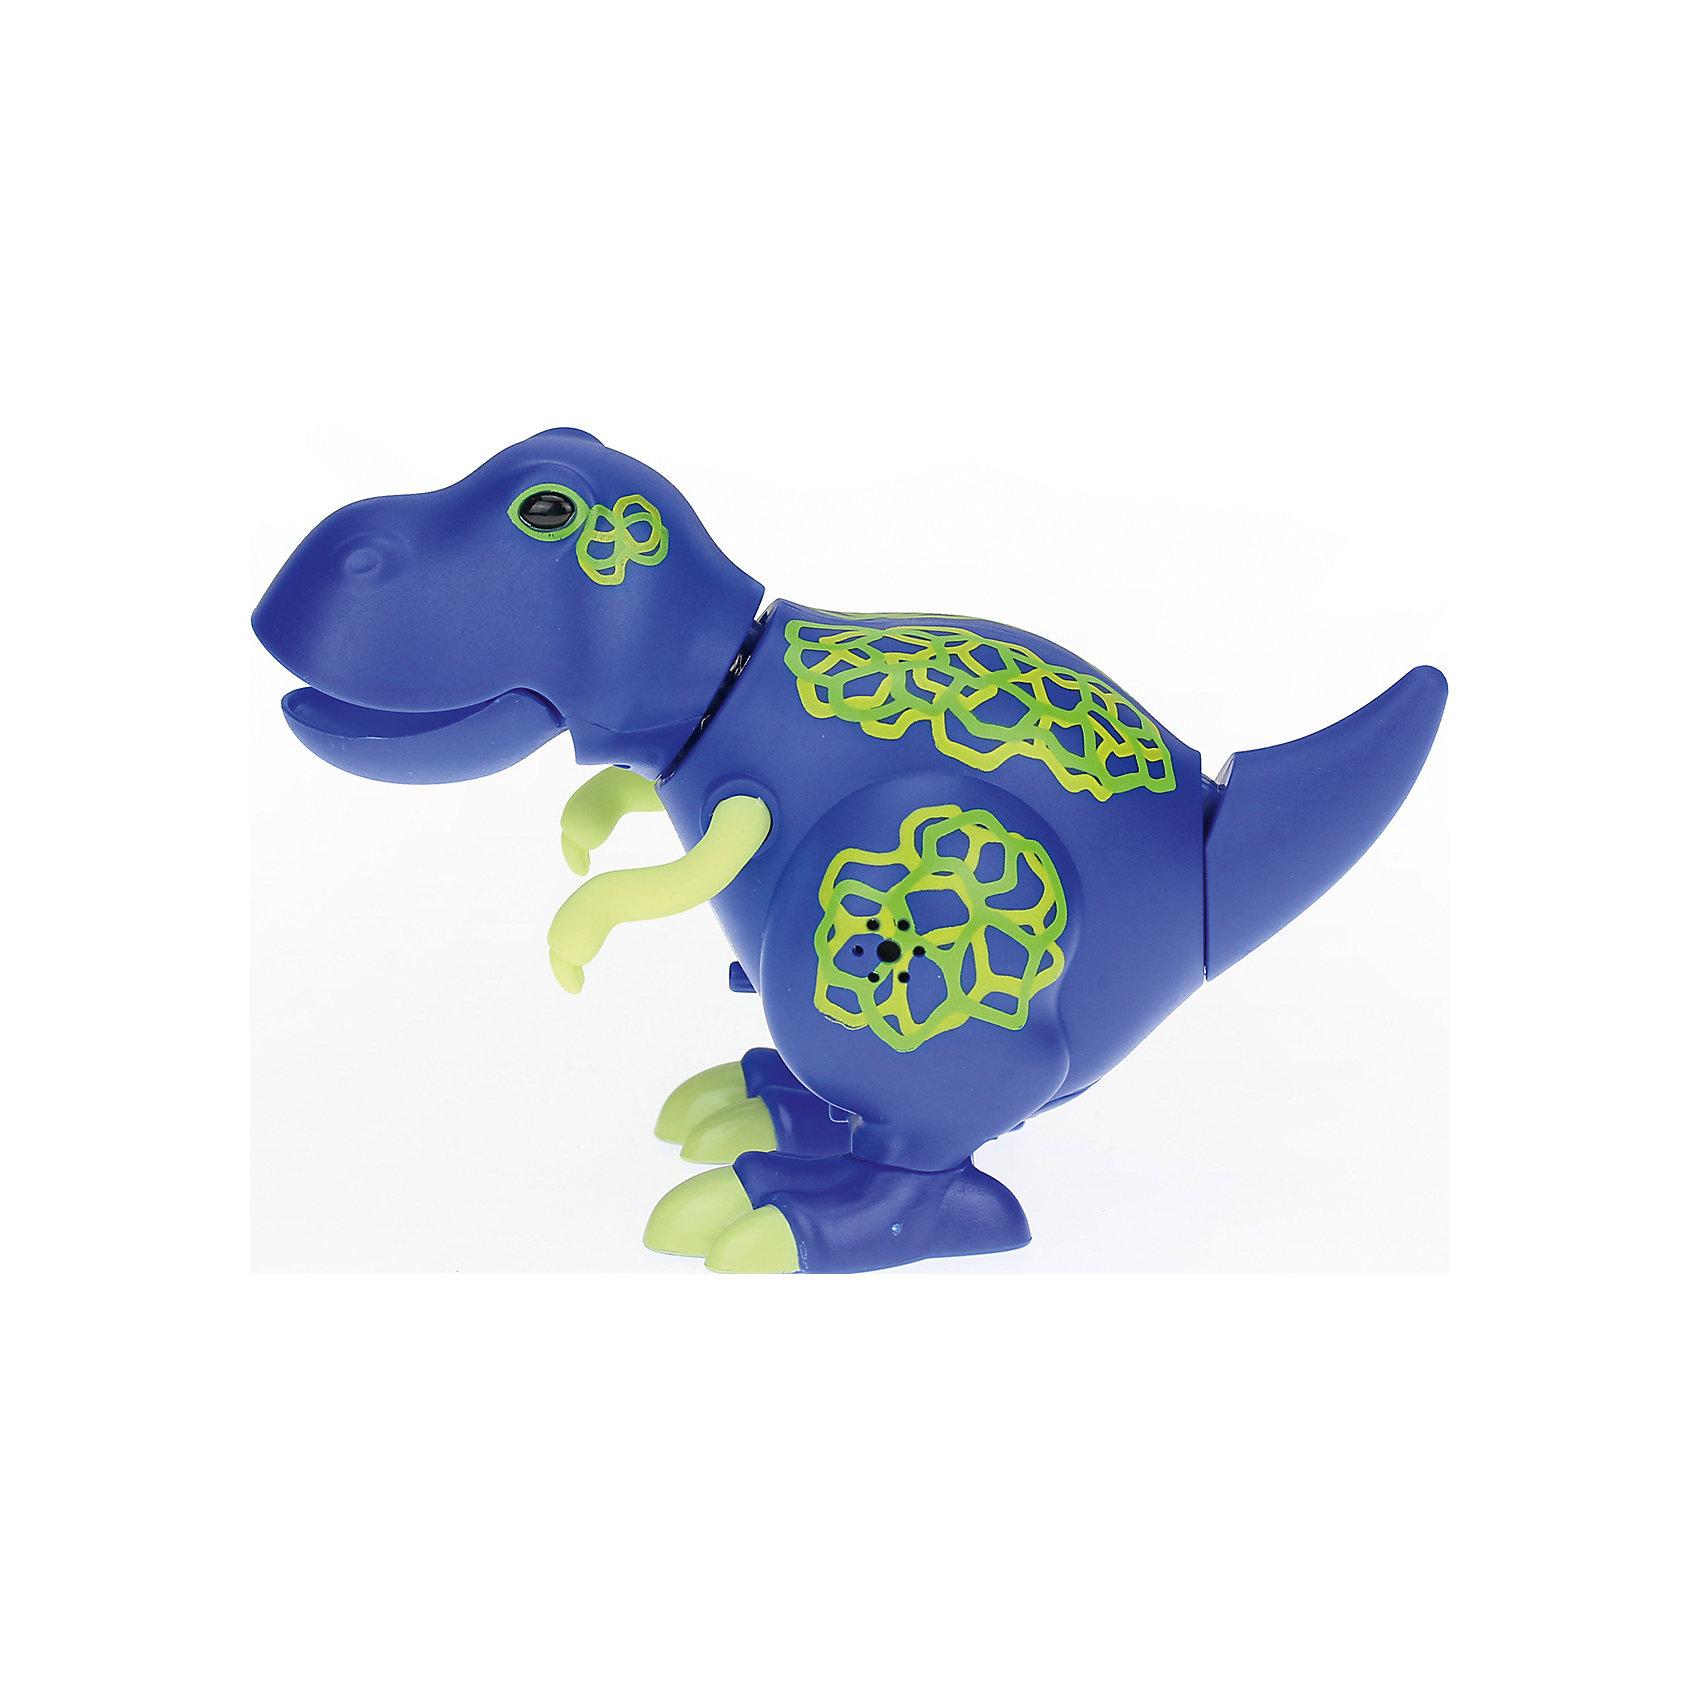 Поющий динозавр Digi Dinos, TroyХарактеристики товара:<br><br>- цвет: синий;<br>- материал: пластик, металл;<br>- батарейки: 3xAG13/LR44, в комплекте;<br>- размер упаковки: 16x10x7 см;<br>- габариты игрушки: 6,5x10x15 см;<br>- умеет петь, рычать, записывать звуки, шевелить головой и хвостом.<br><br>Такая игрушка в виде динозавра поможет ребенку весело проводить время - динозавр умеет петь, рычать, записывать звуки, шевелить головой и хвостом. Это выглядит очень забавно! Игрушка реагирует на звук от специального свистка, который входит в комплект. Также можно приобрести другие игрушки из этой серии - тогда они будут петь хором!<br>Динозавр способен помогать всестороннему развитию ребенка: развивать тактильное восприятие, мелкую моторику, воображение, внимание и логику. Изделие произведено из качественных материалов, безопасных для ребенка. Набор станет отличным подарком детям!<br><br>Игрушку Динозавр от бренда Silverlit можно купить в нашем интернет-магазине.<br><br>Ширина мм: 115<br>Глубина мм: 150<br>Высота мм: 62<br>Вес г: 128<br>Возраст от месяцев: 36<br>Возраст до месяцев: 2147483647<br>Пол: Унисекс<br>Возраст: Детский<br>SKU: 5156845